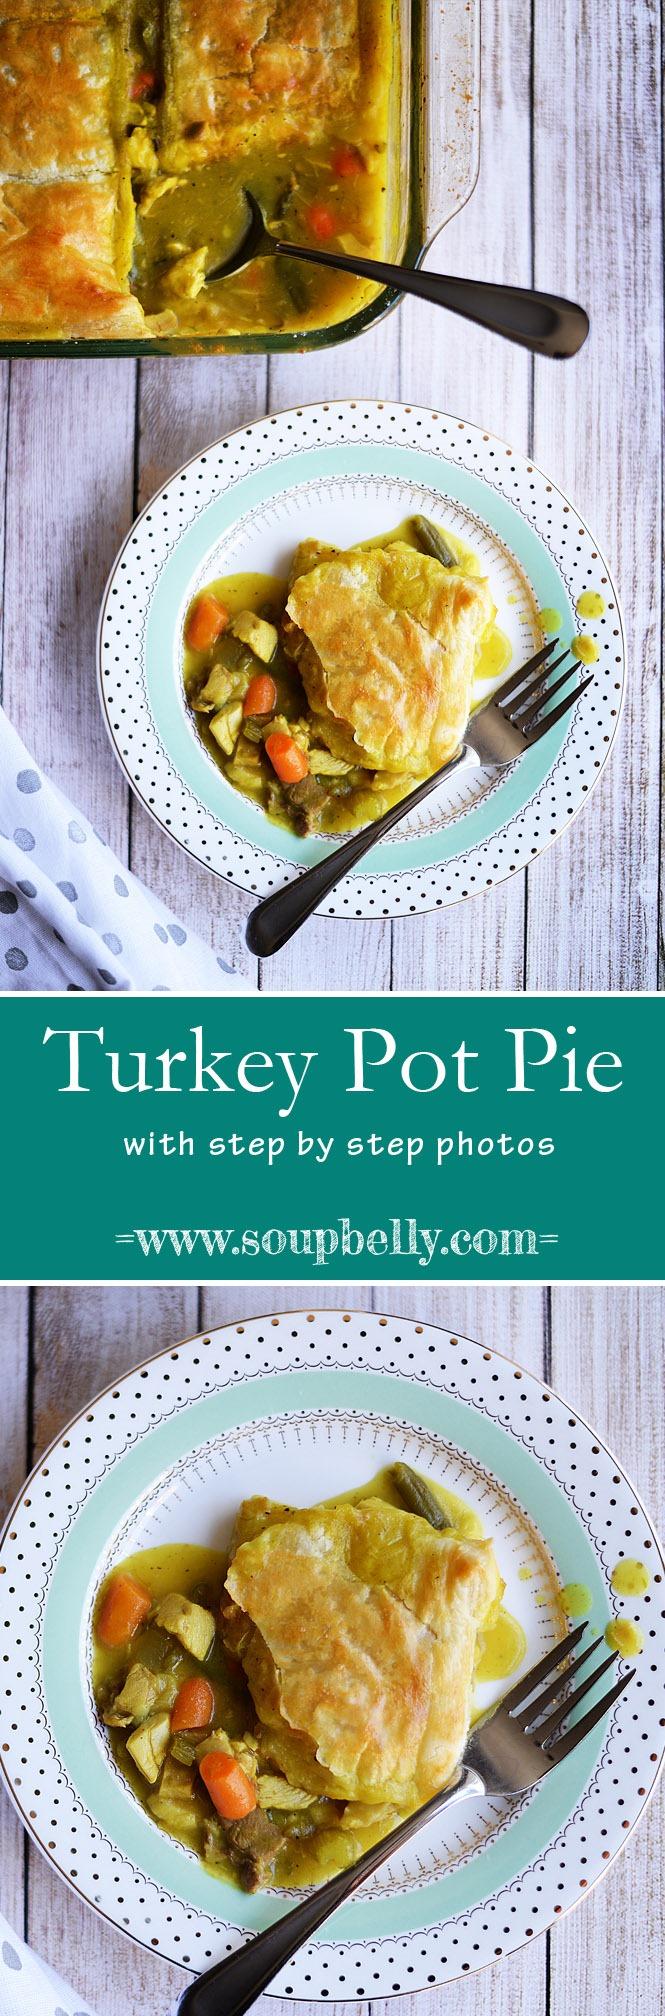 turkeypotpiepin